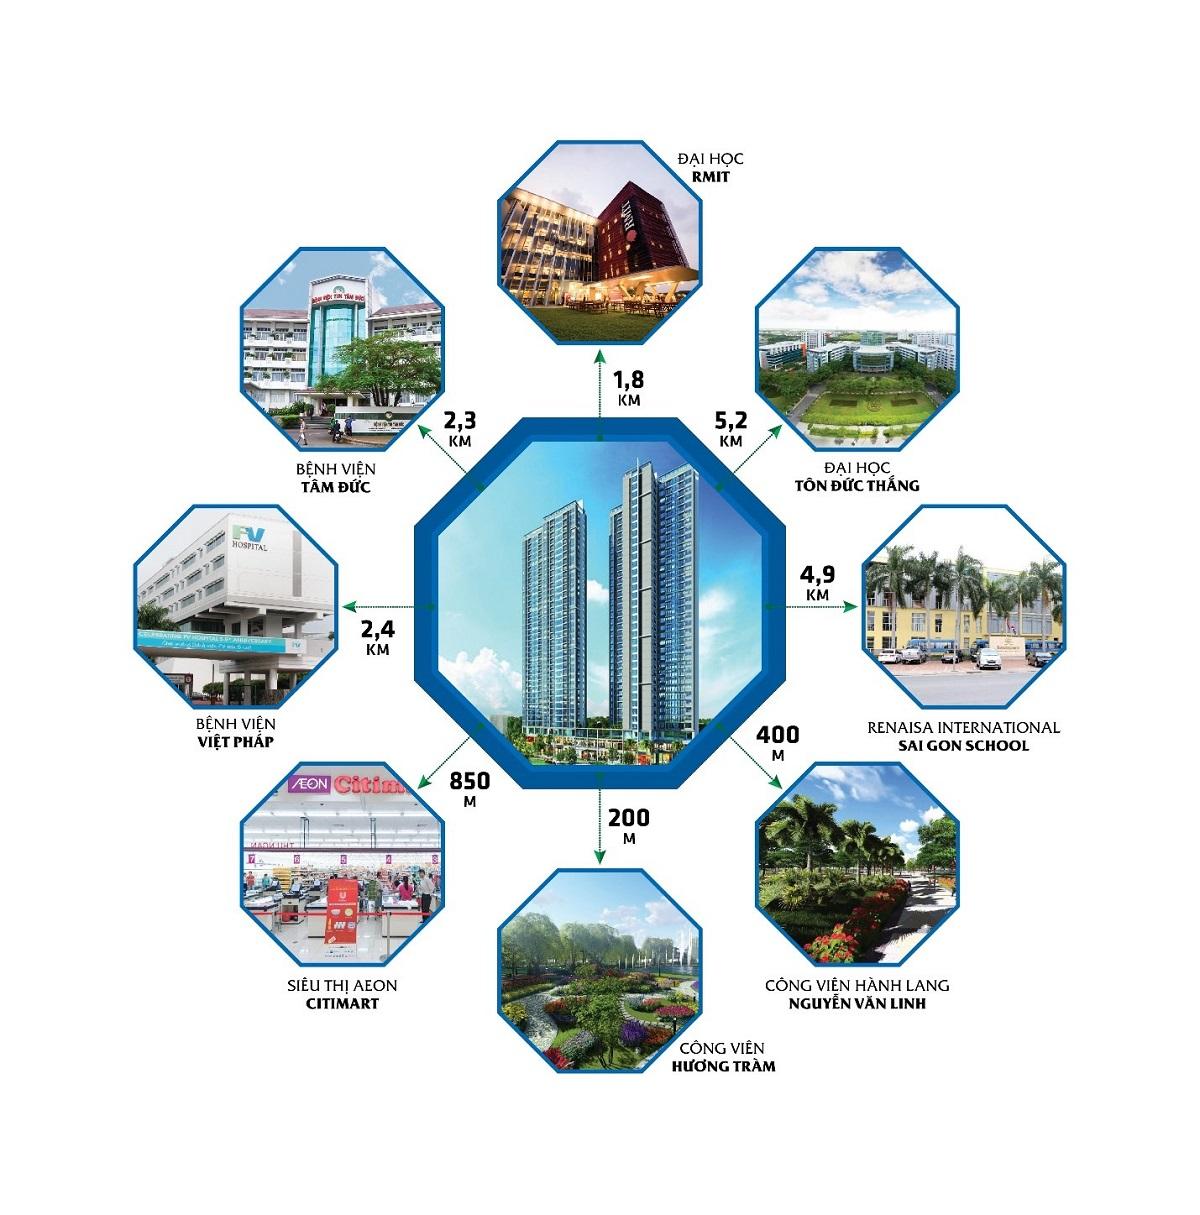 Liên kết vùng - Eco Green Sai Gon